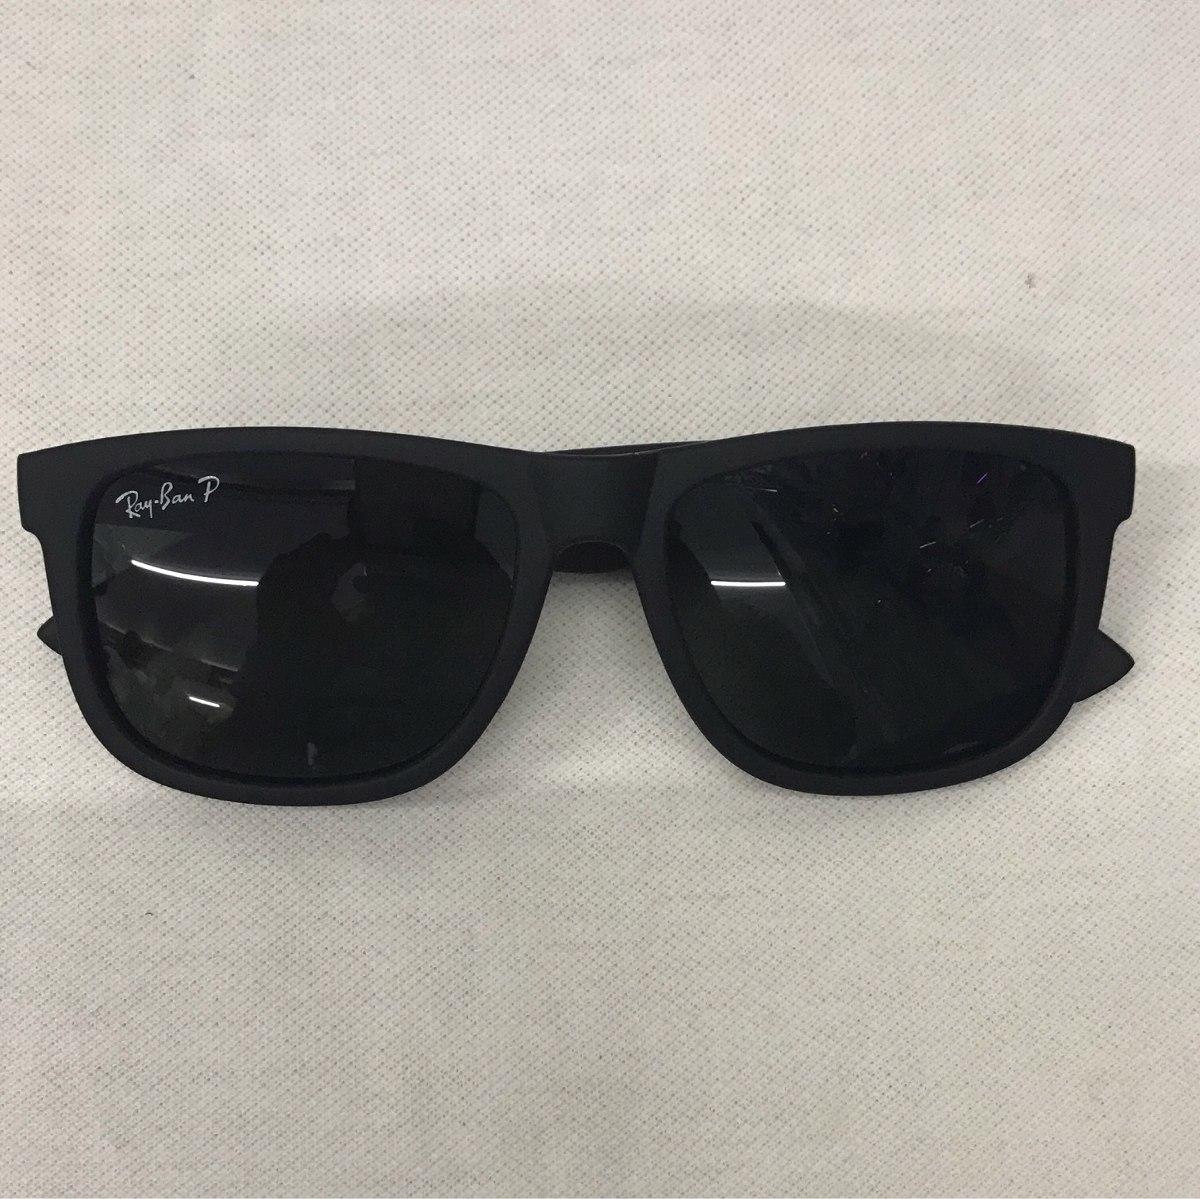 Óculos De Sol Masculino Quadrado 4165 Polarizado - R  25,00 em ... 4e8ca0cb76